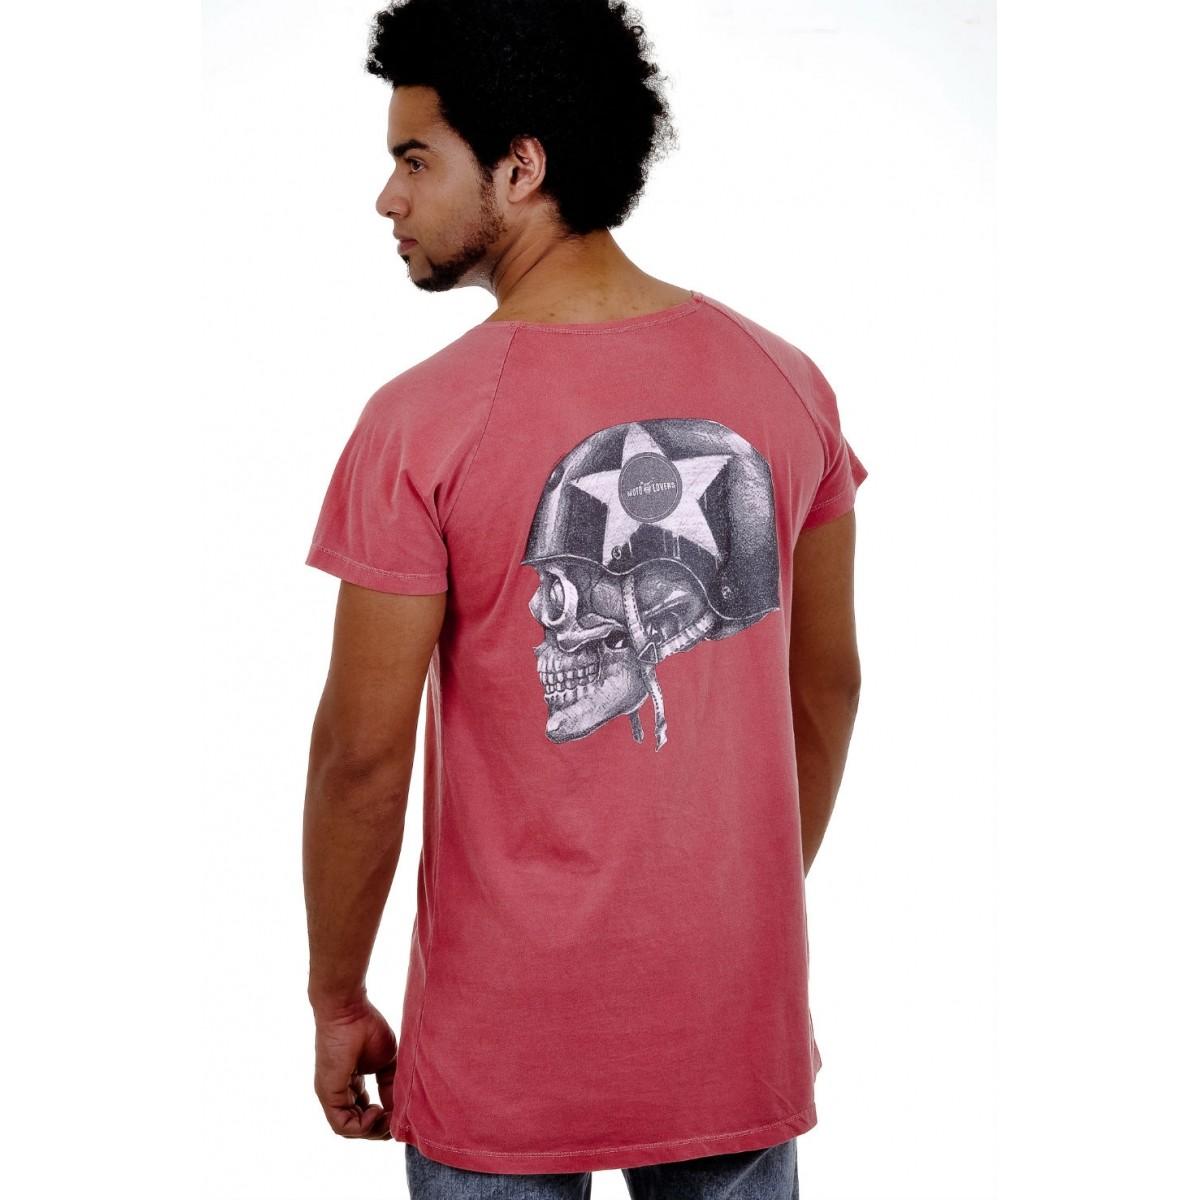 T-shirt Helmet Skull